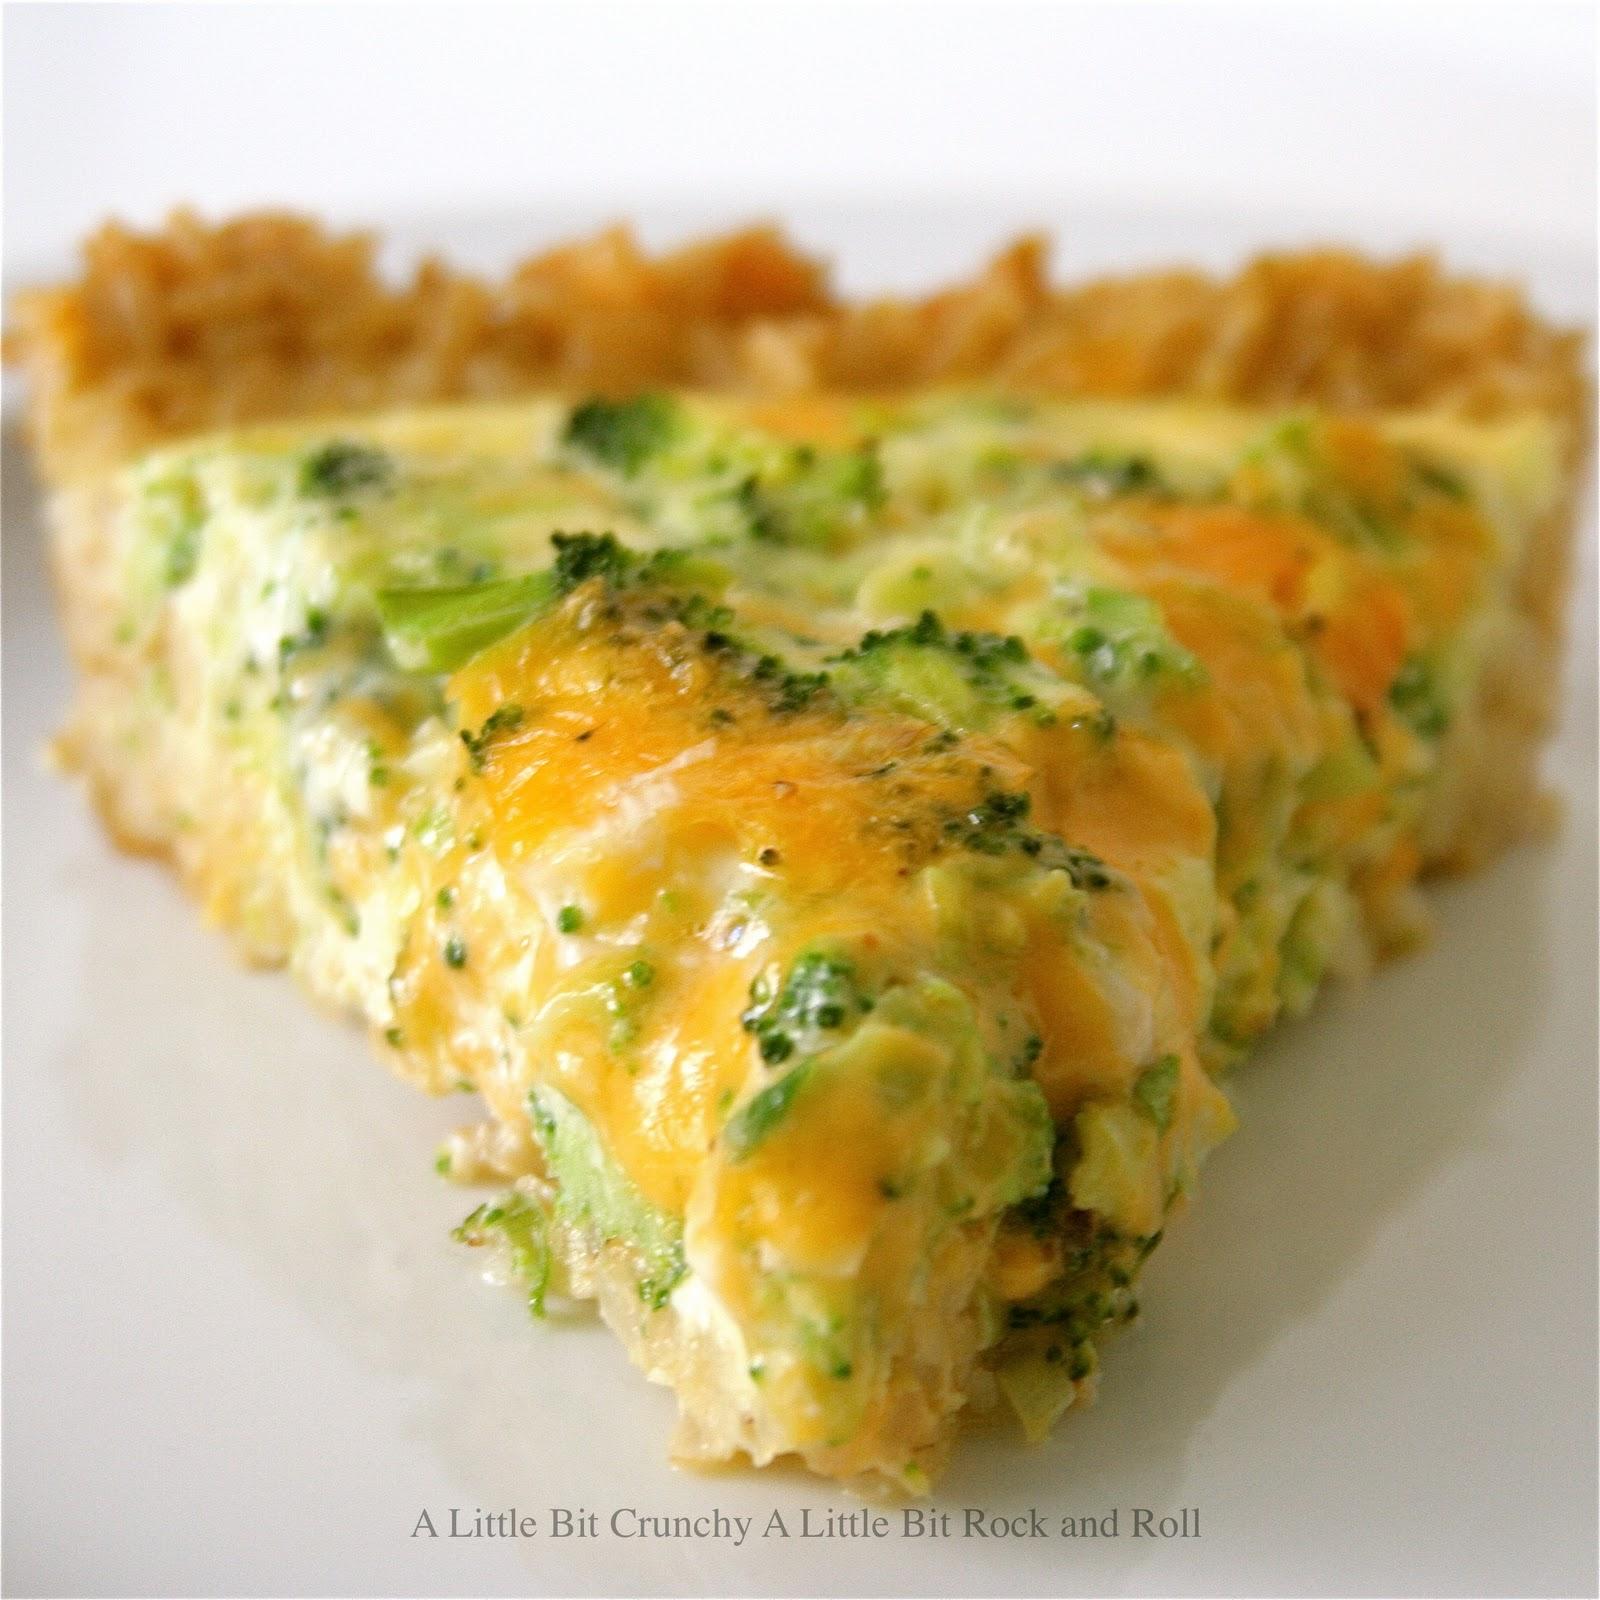 A Little Bit Crunchy A Little Bit Rock and Roll: Broccoli ...